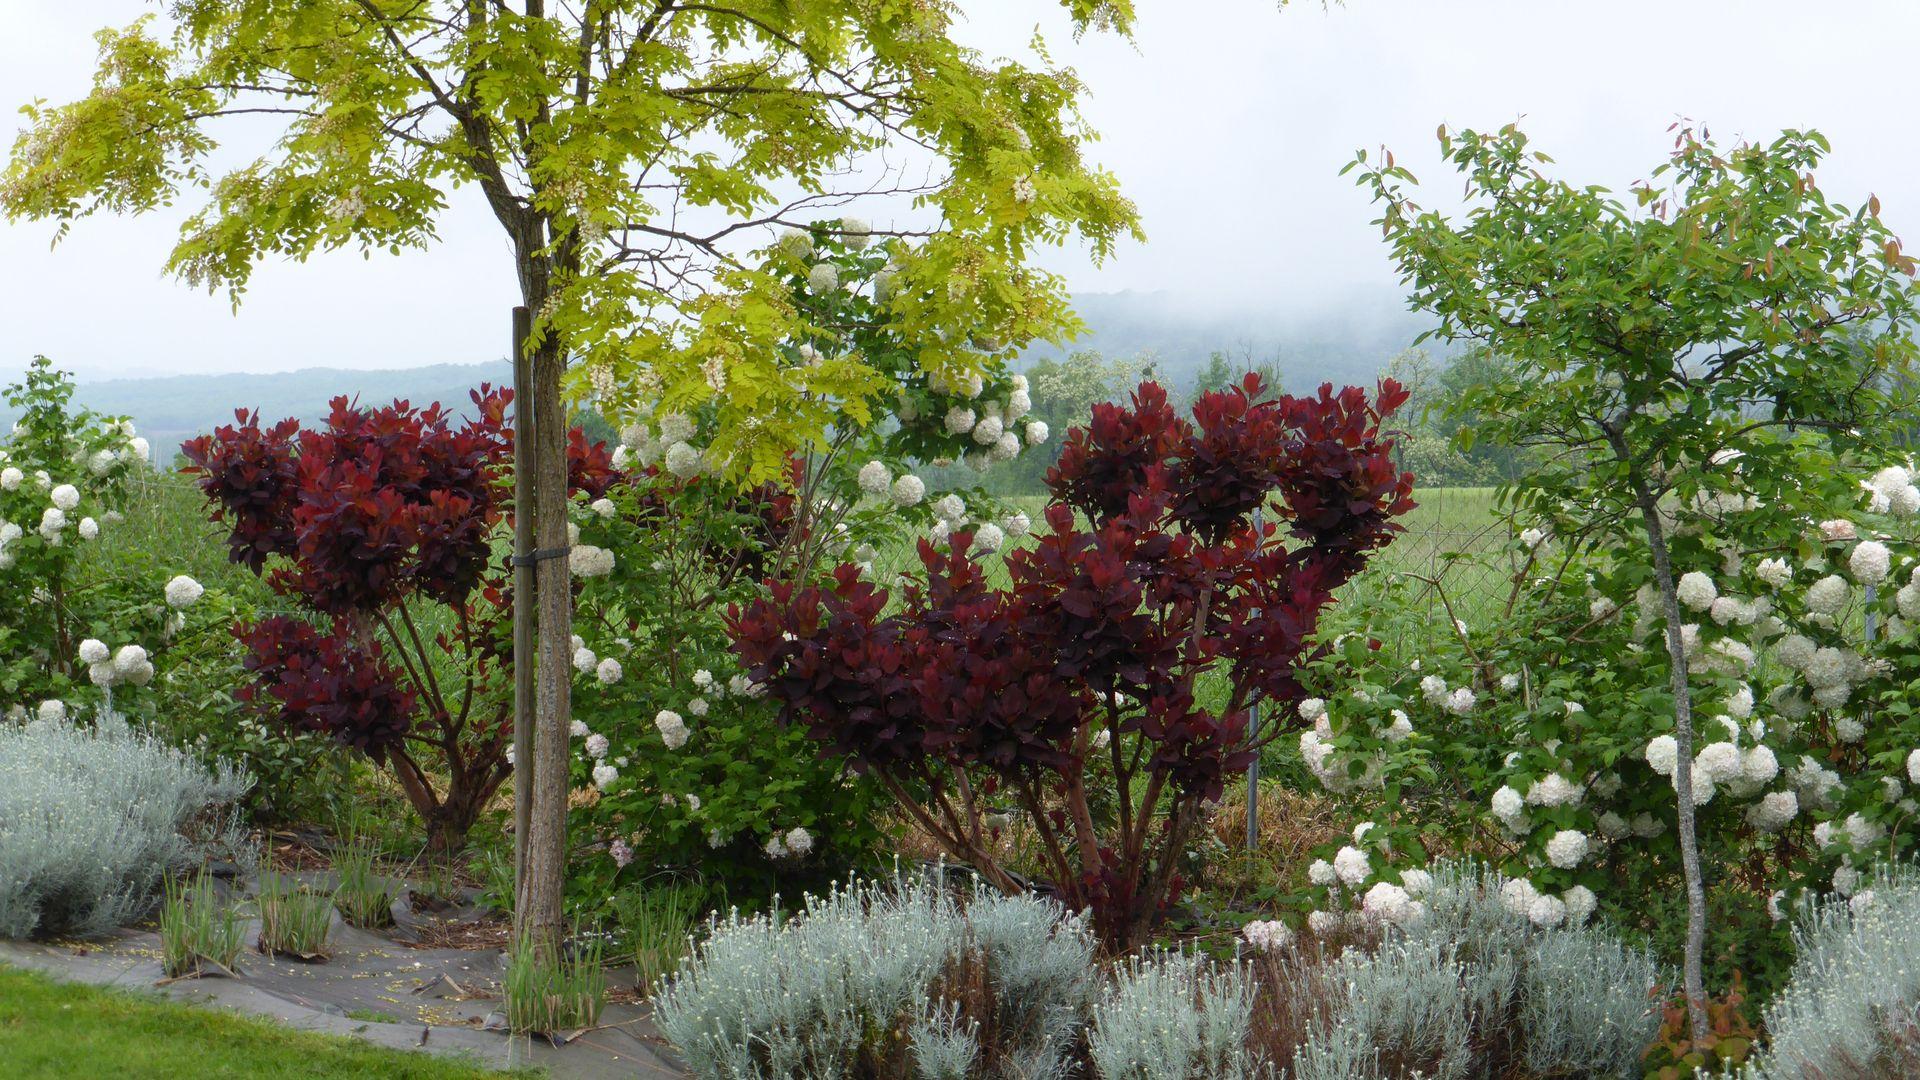 Entretien jardin tarn for Entretien jardin obligation